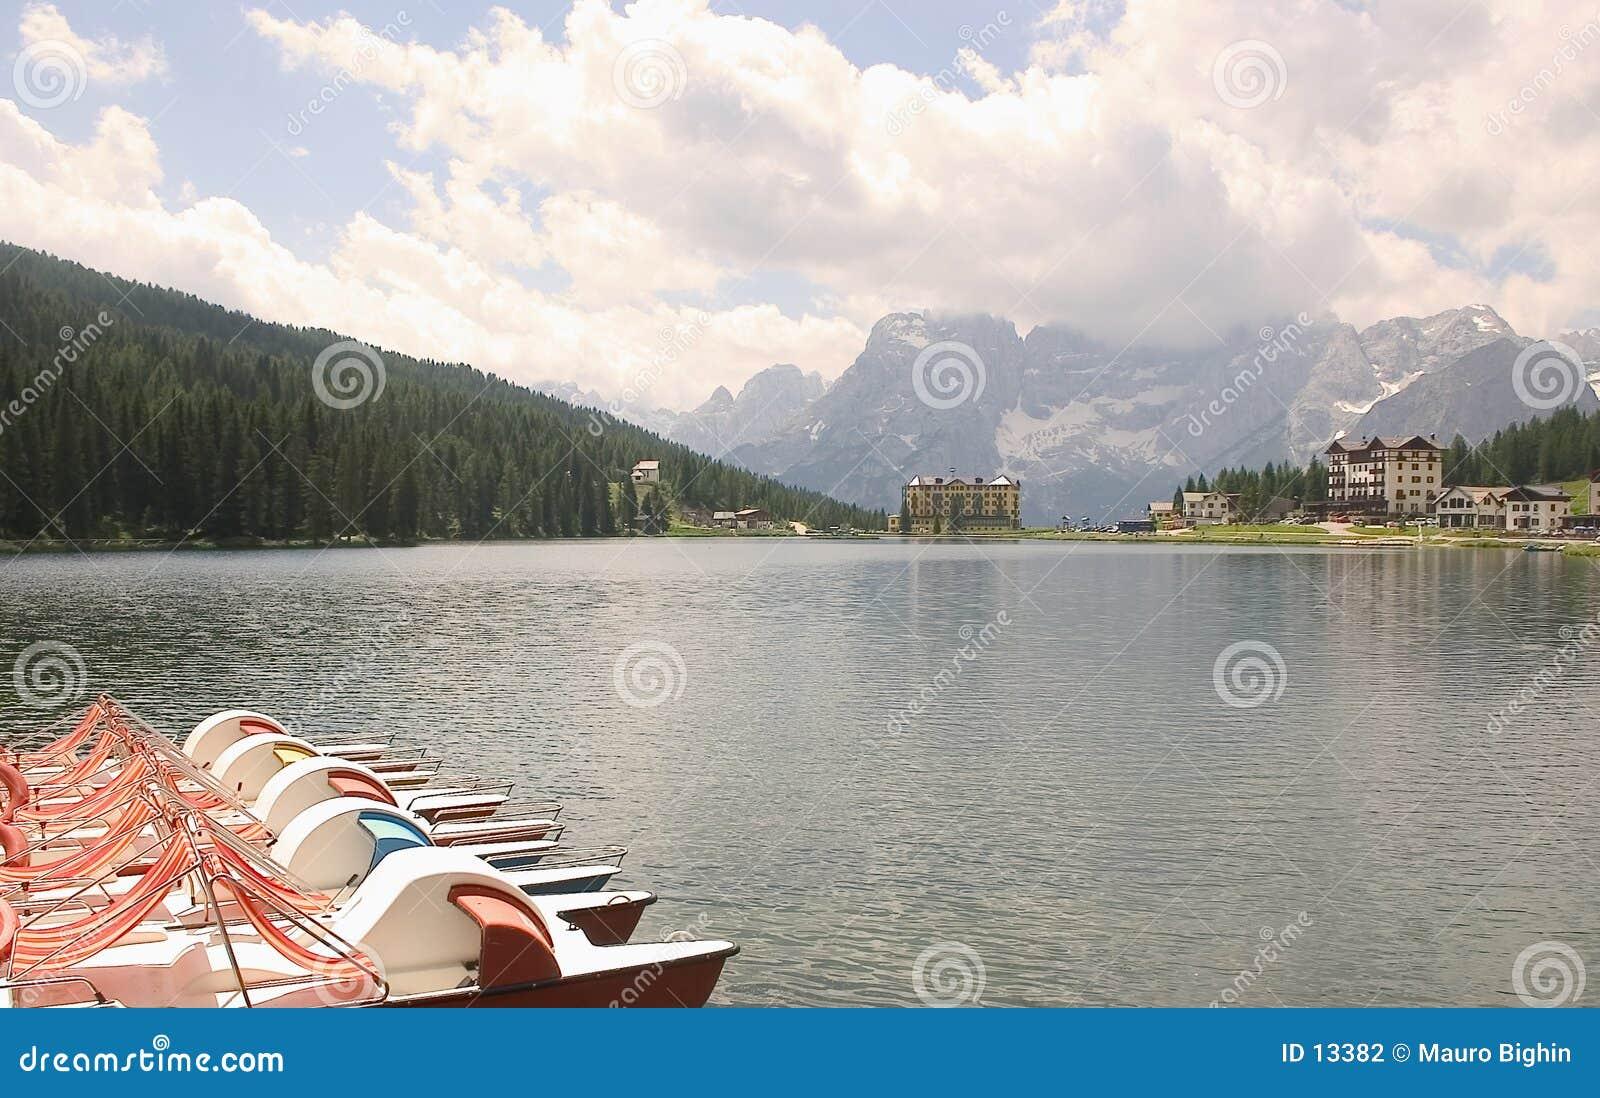 Misurina See, Dolomit, Italien